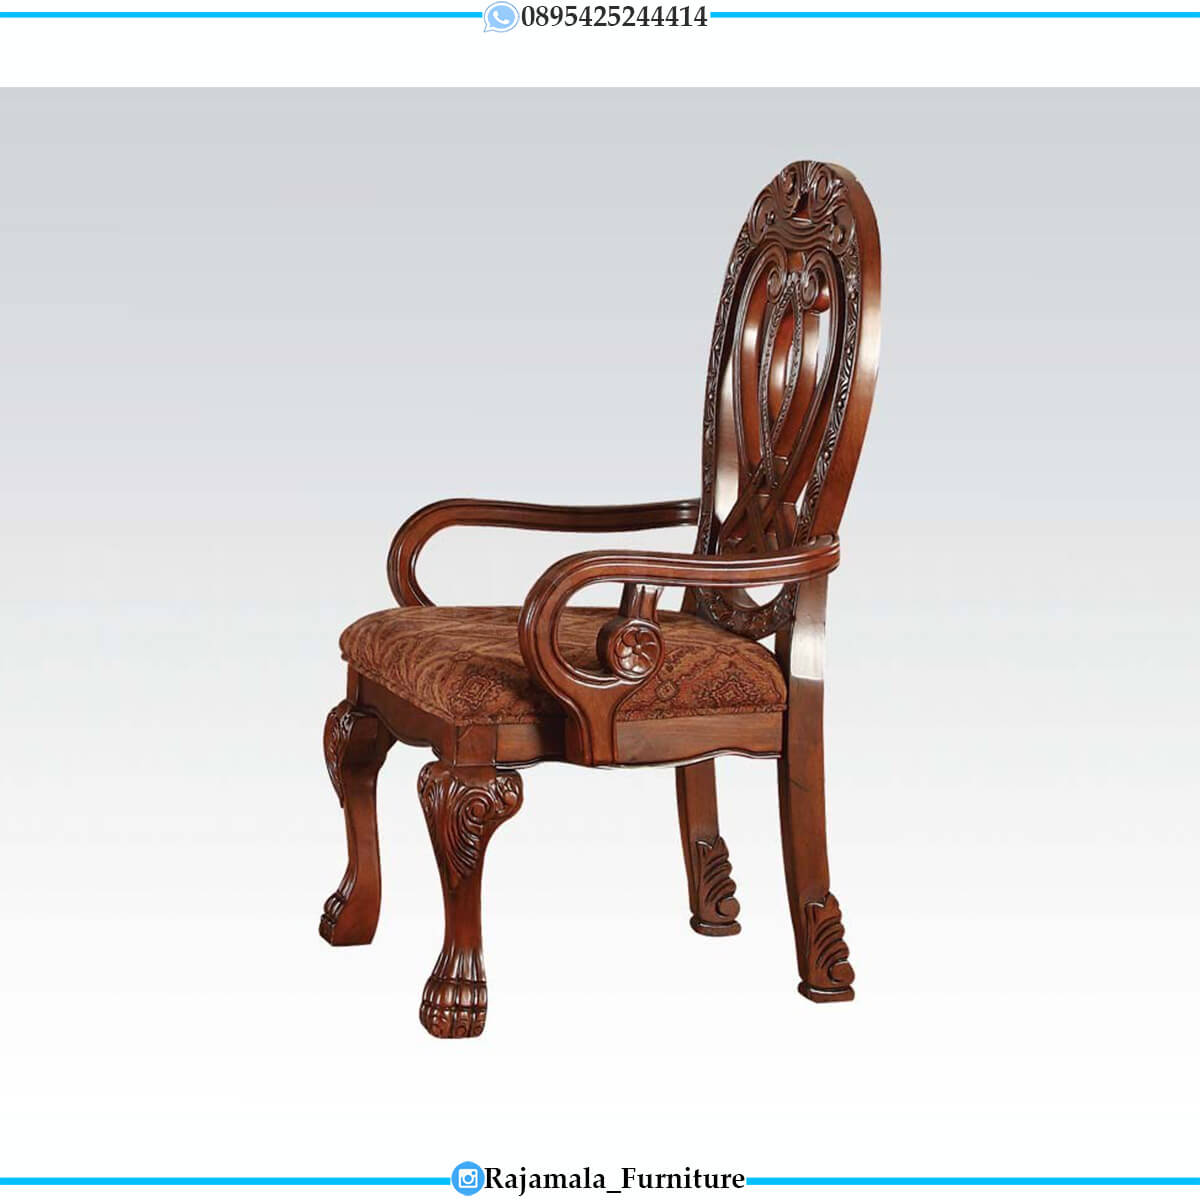 Jual Meja Makan Mewah Jati Natural Classic Salak Brown Color RM-0710